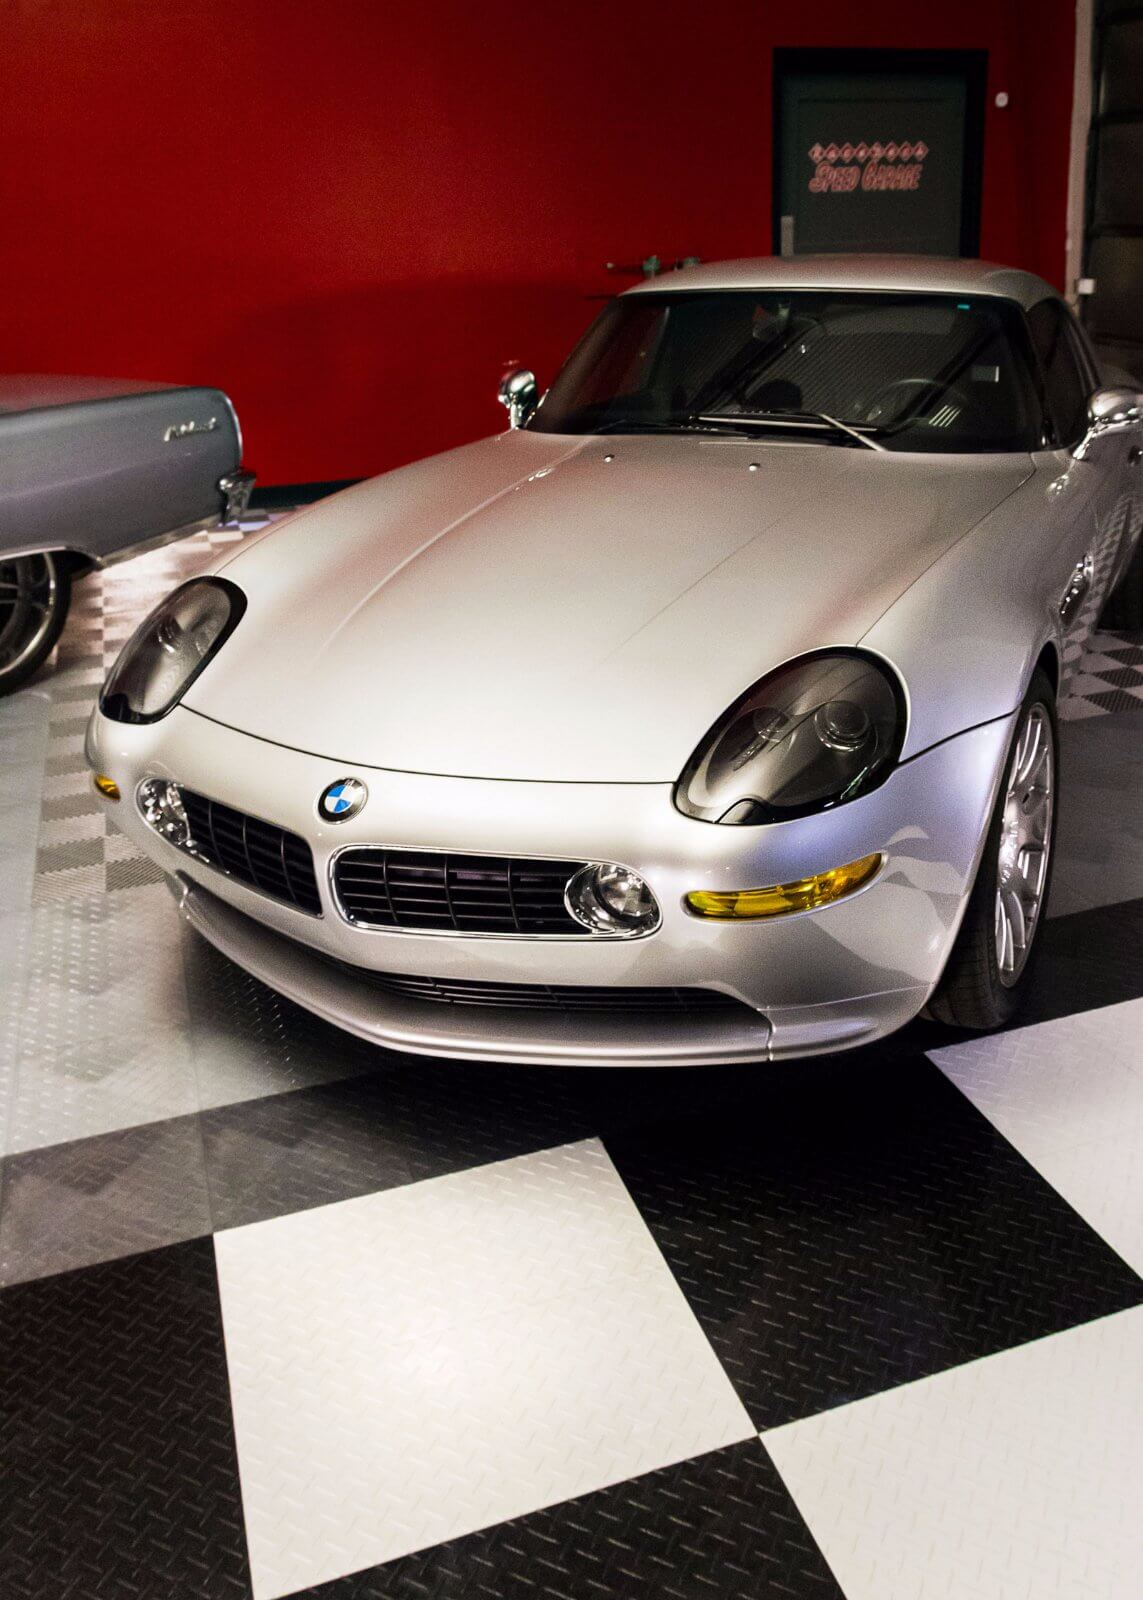 BMW in the RaceDeck Speed Garage